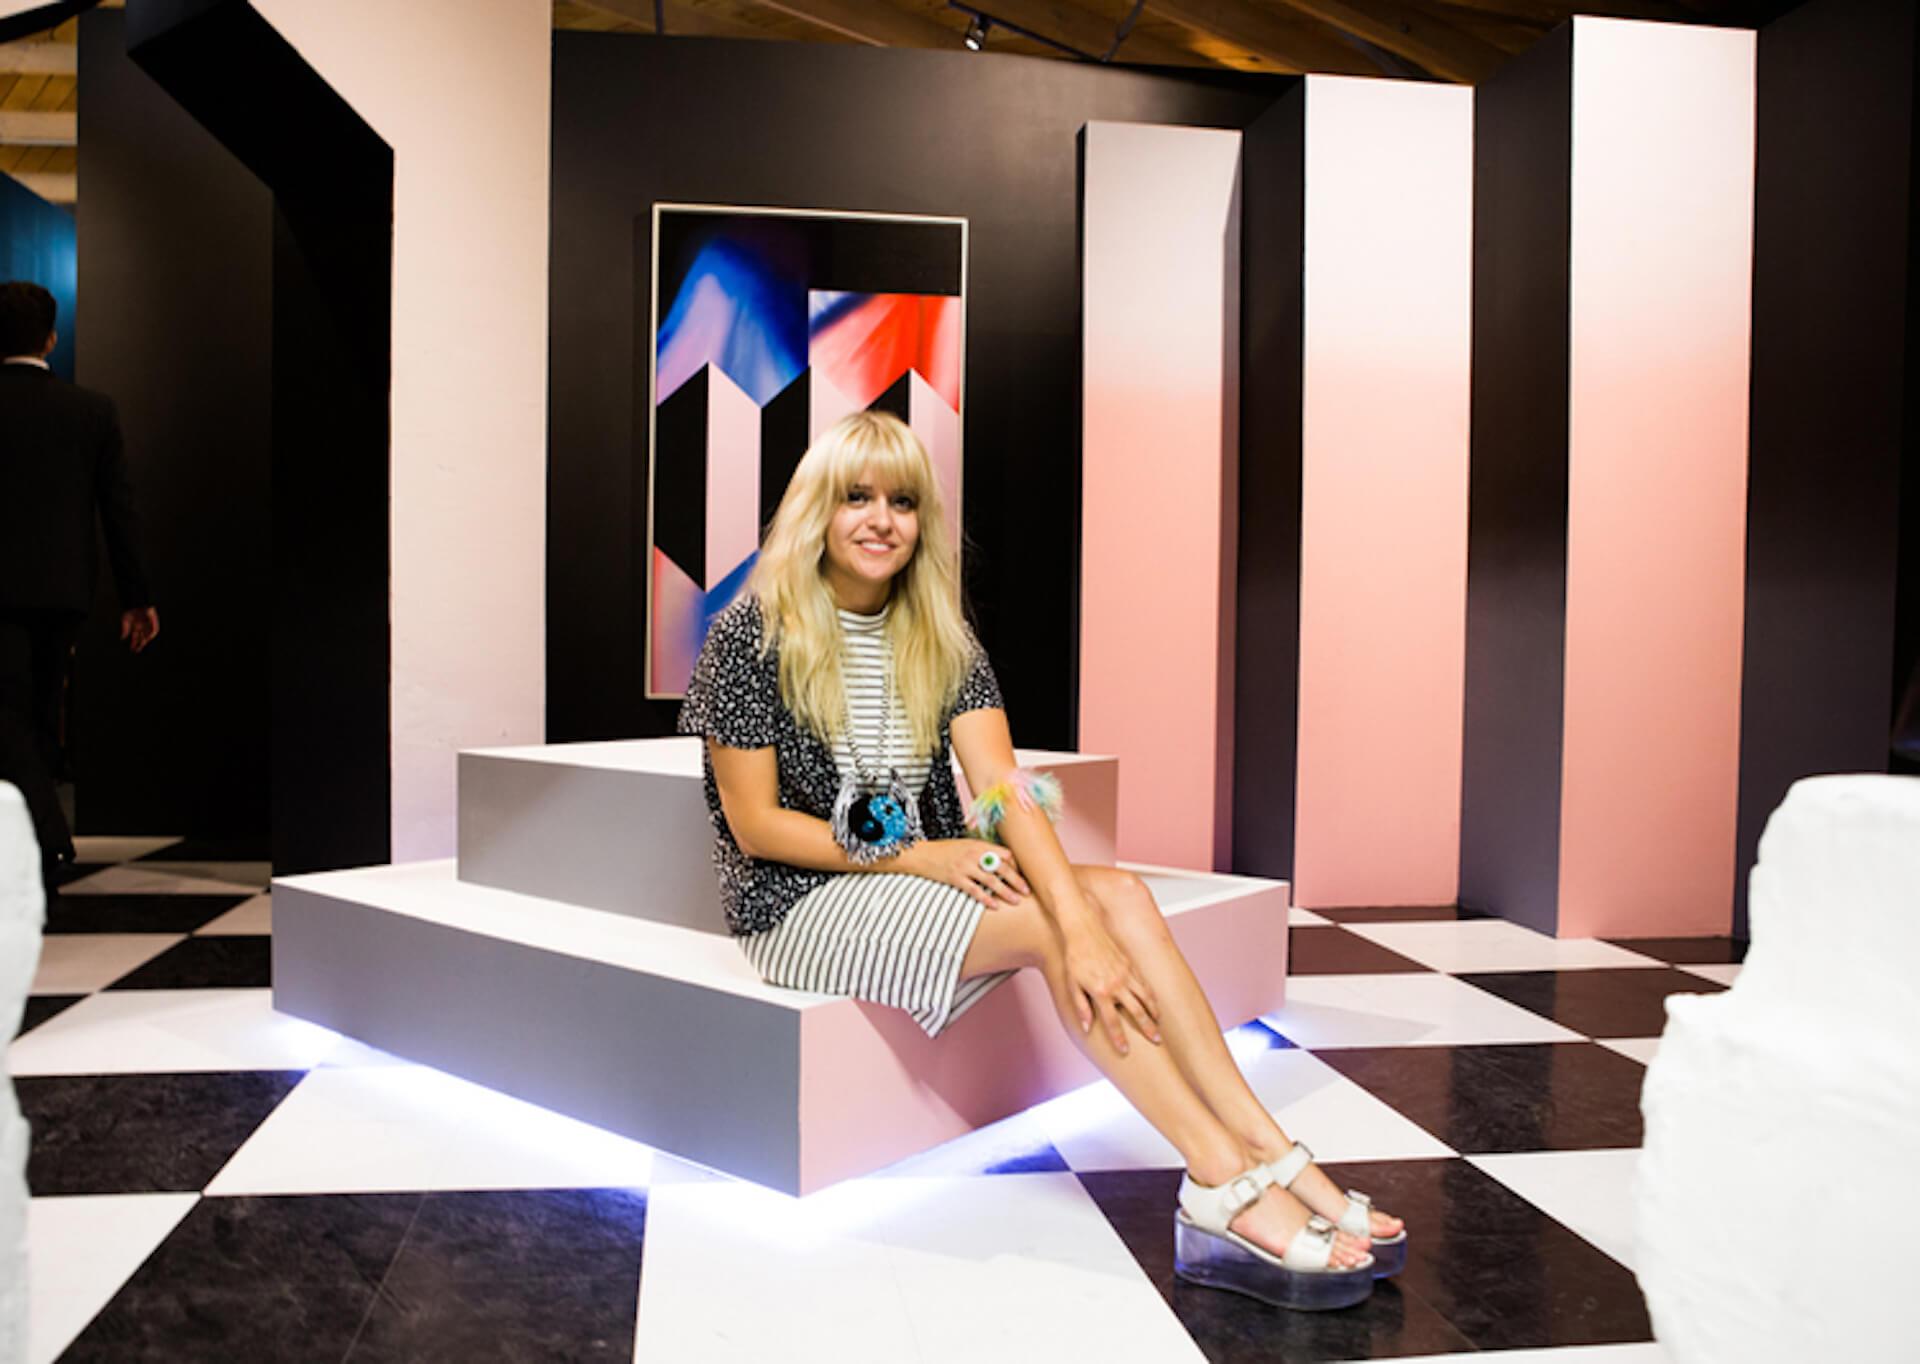 海外のトップクリエイターが注目するニューヨーク発のクリエイティブ集団「PAPERWORK」が日本初上陸 ANGELINE-RIVAS